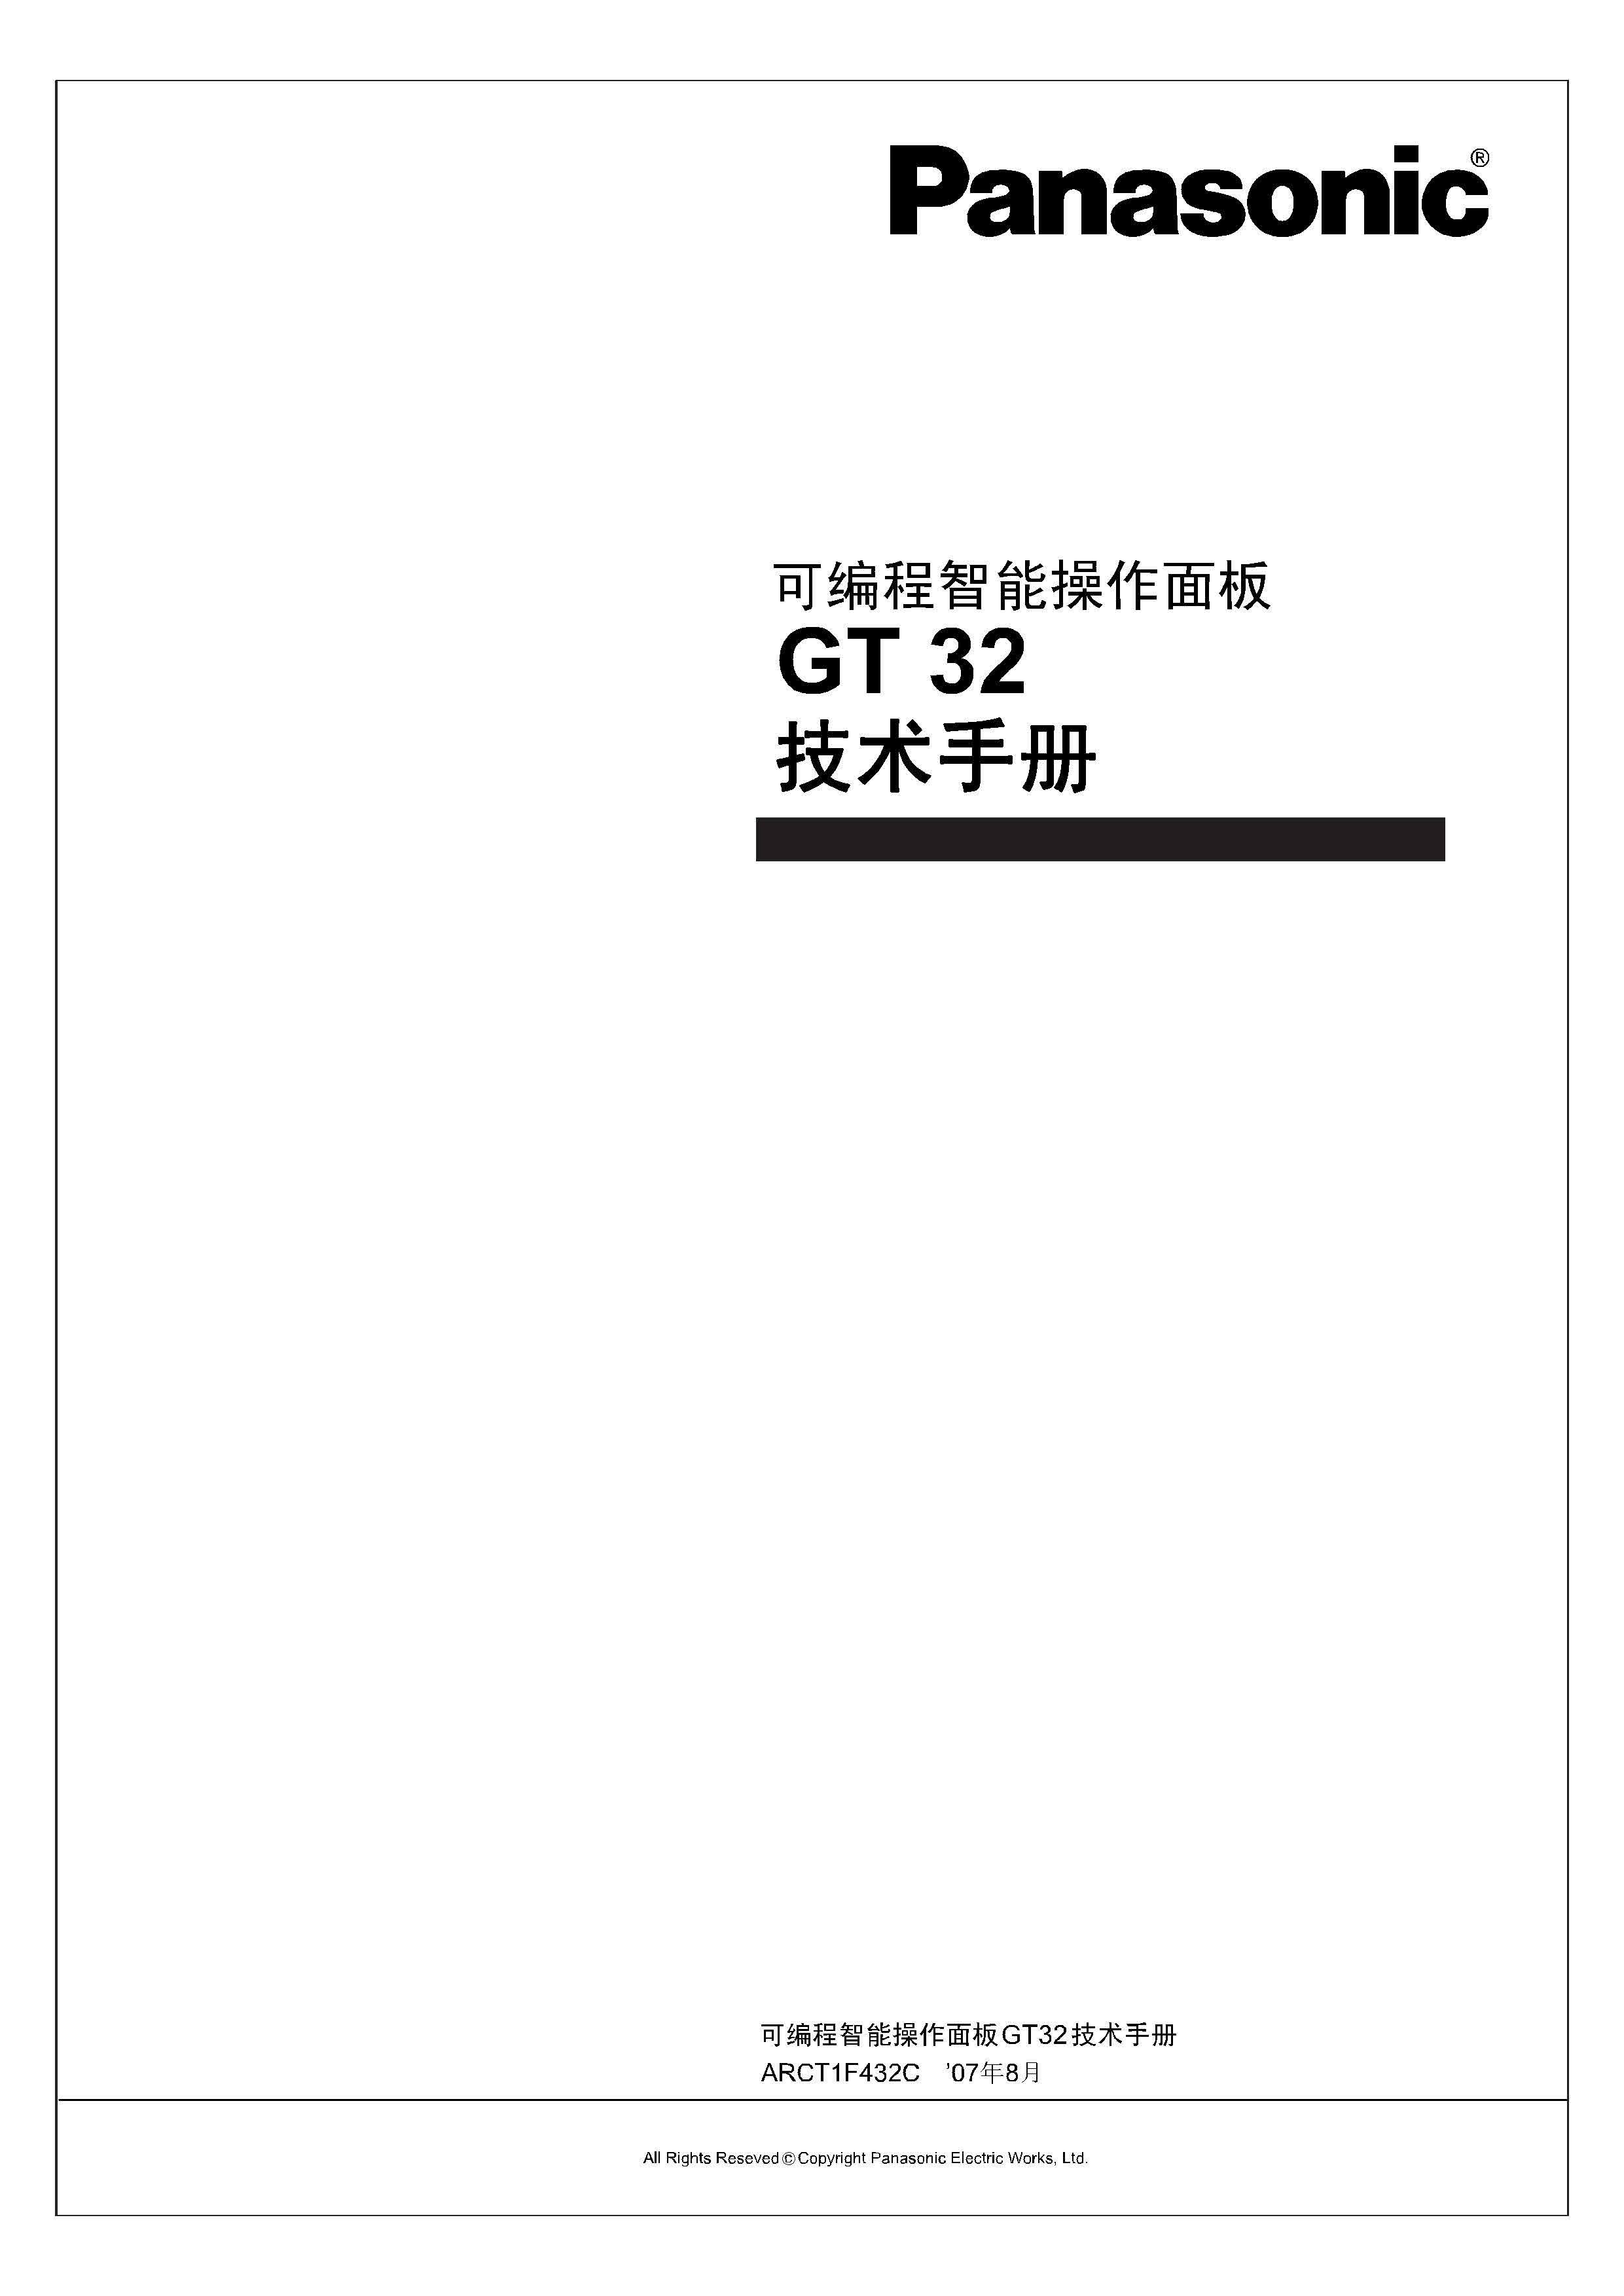 松下 GT32触摸屏技术手册